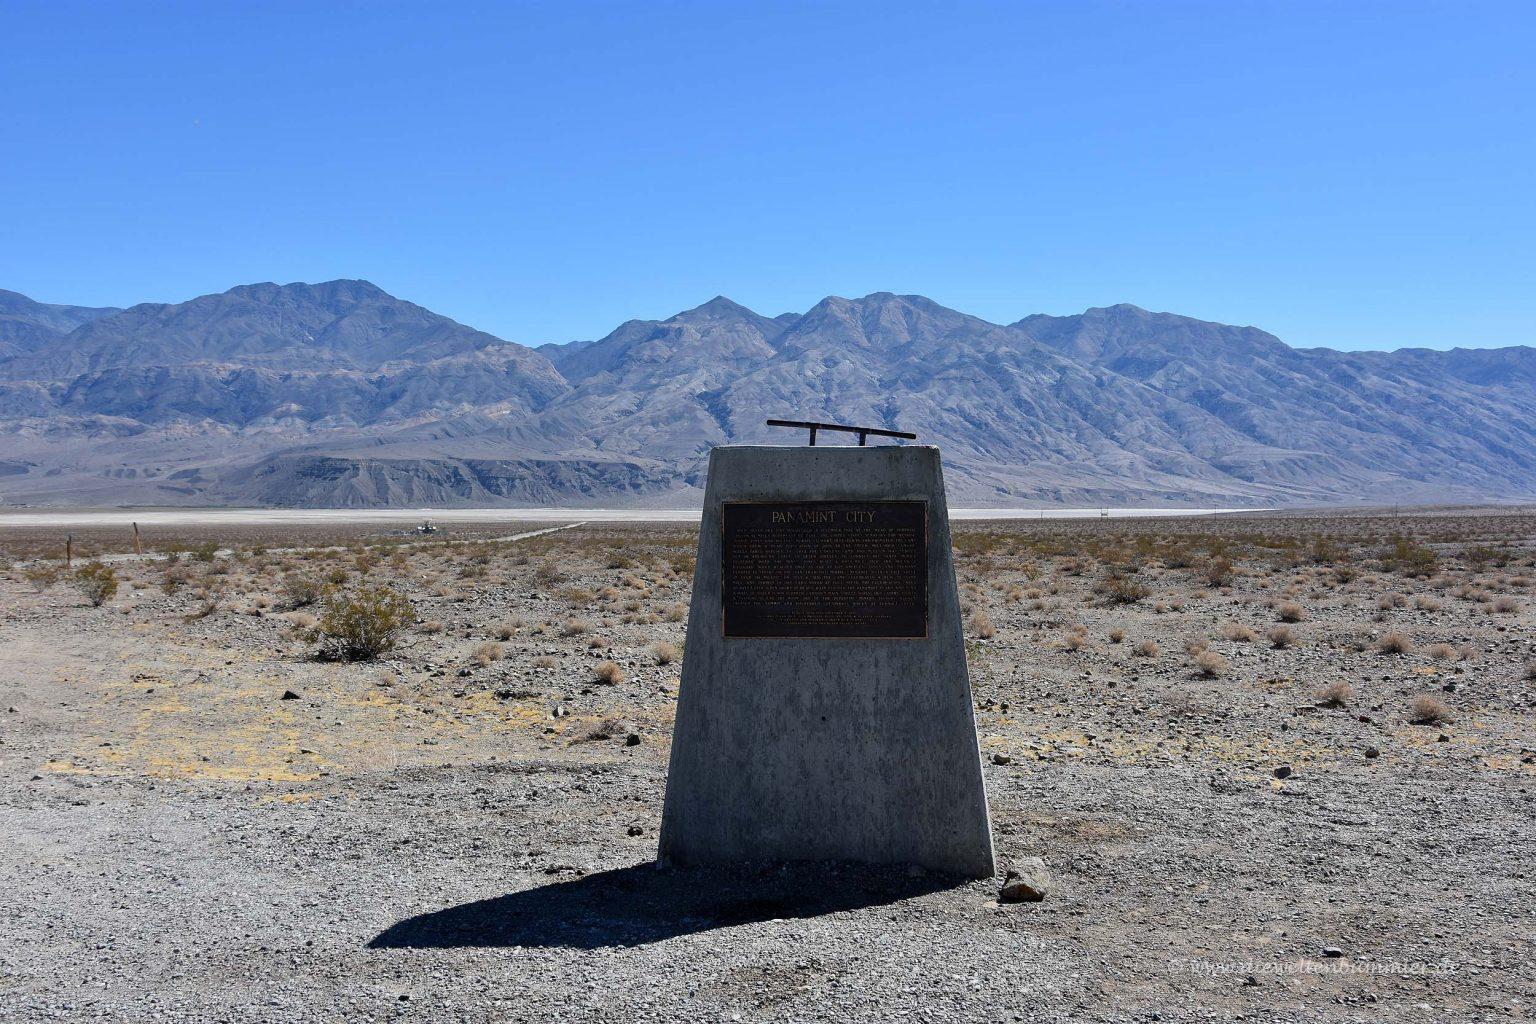 Denkmal in der Wüste